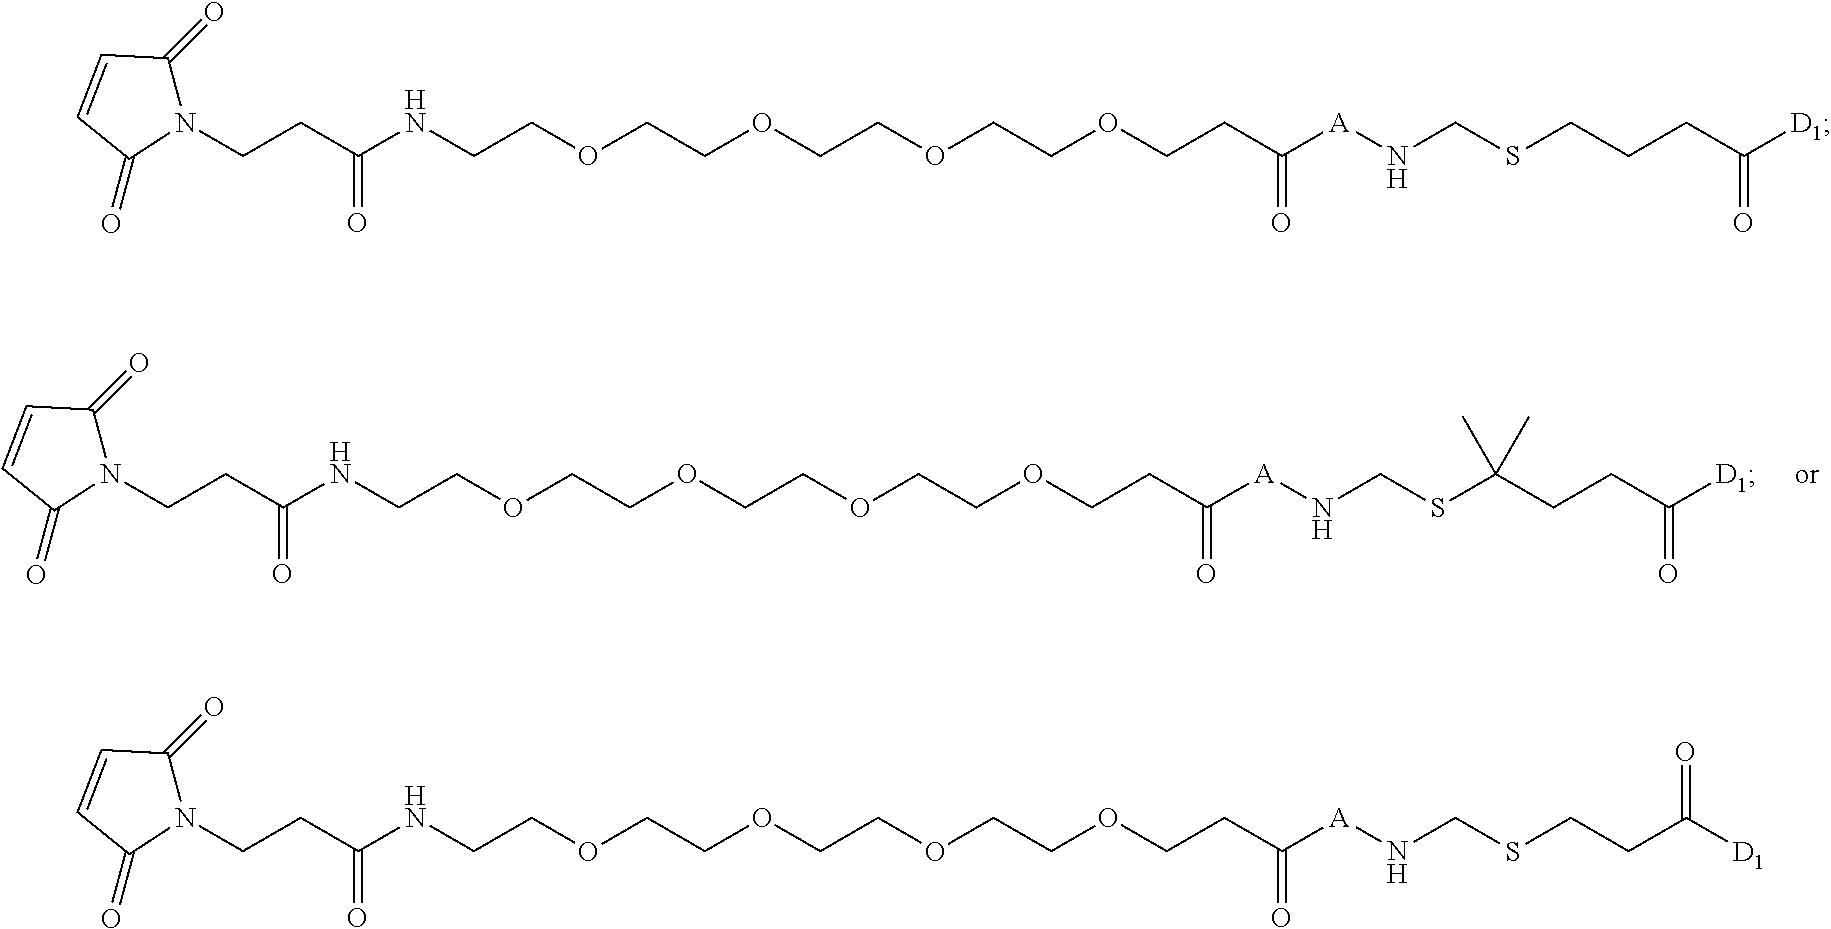 Figure US20180296694A1-20181018-C00054